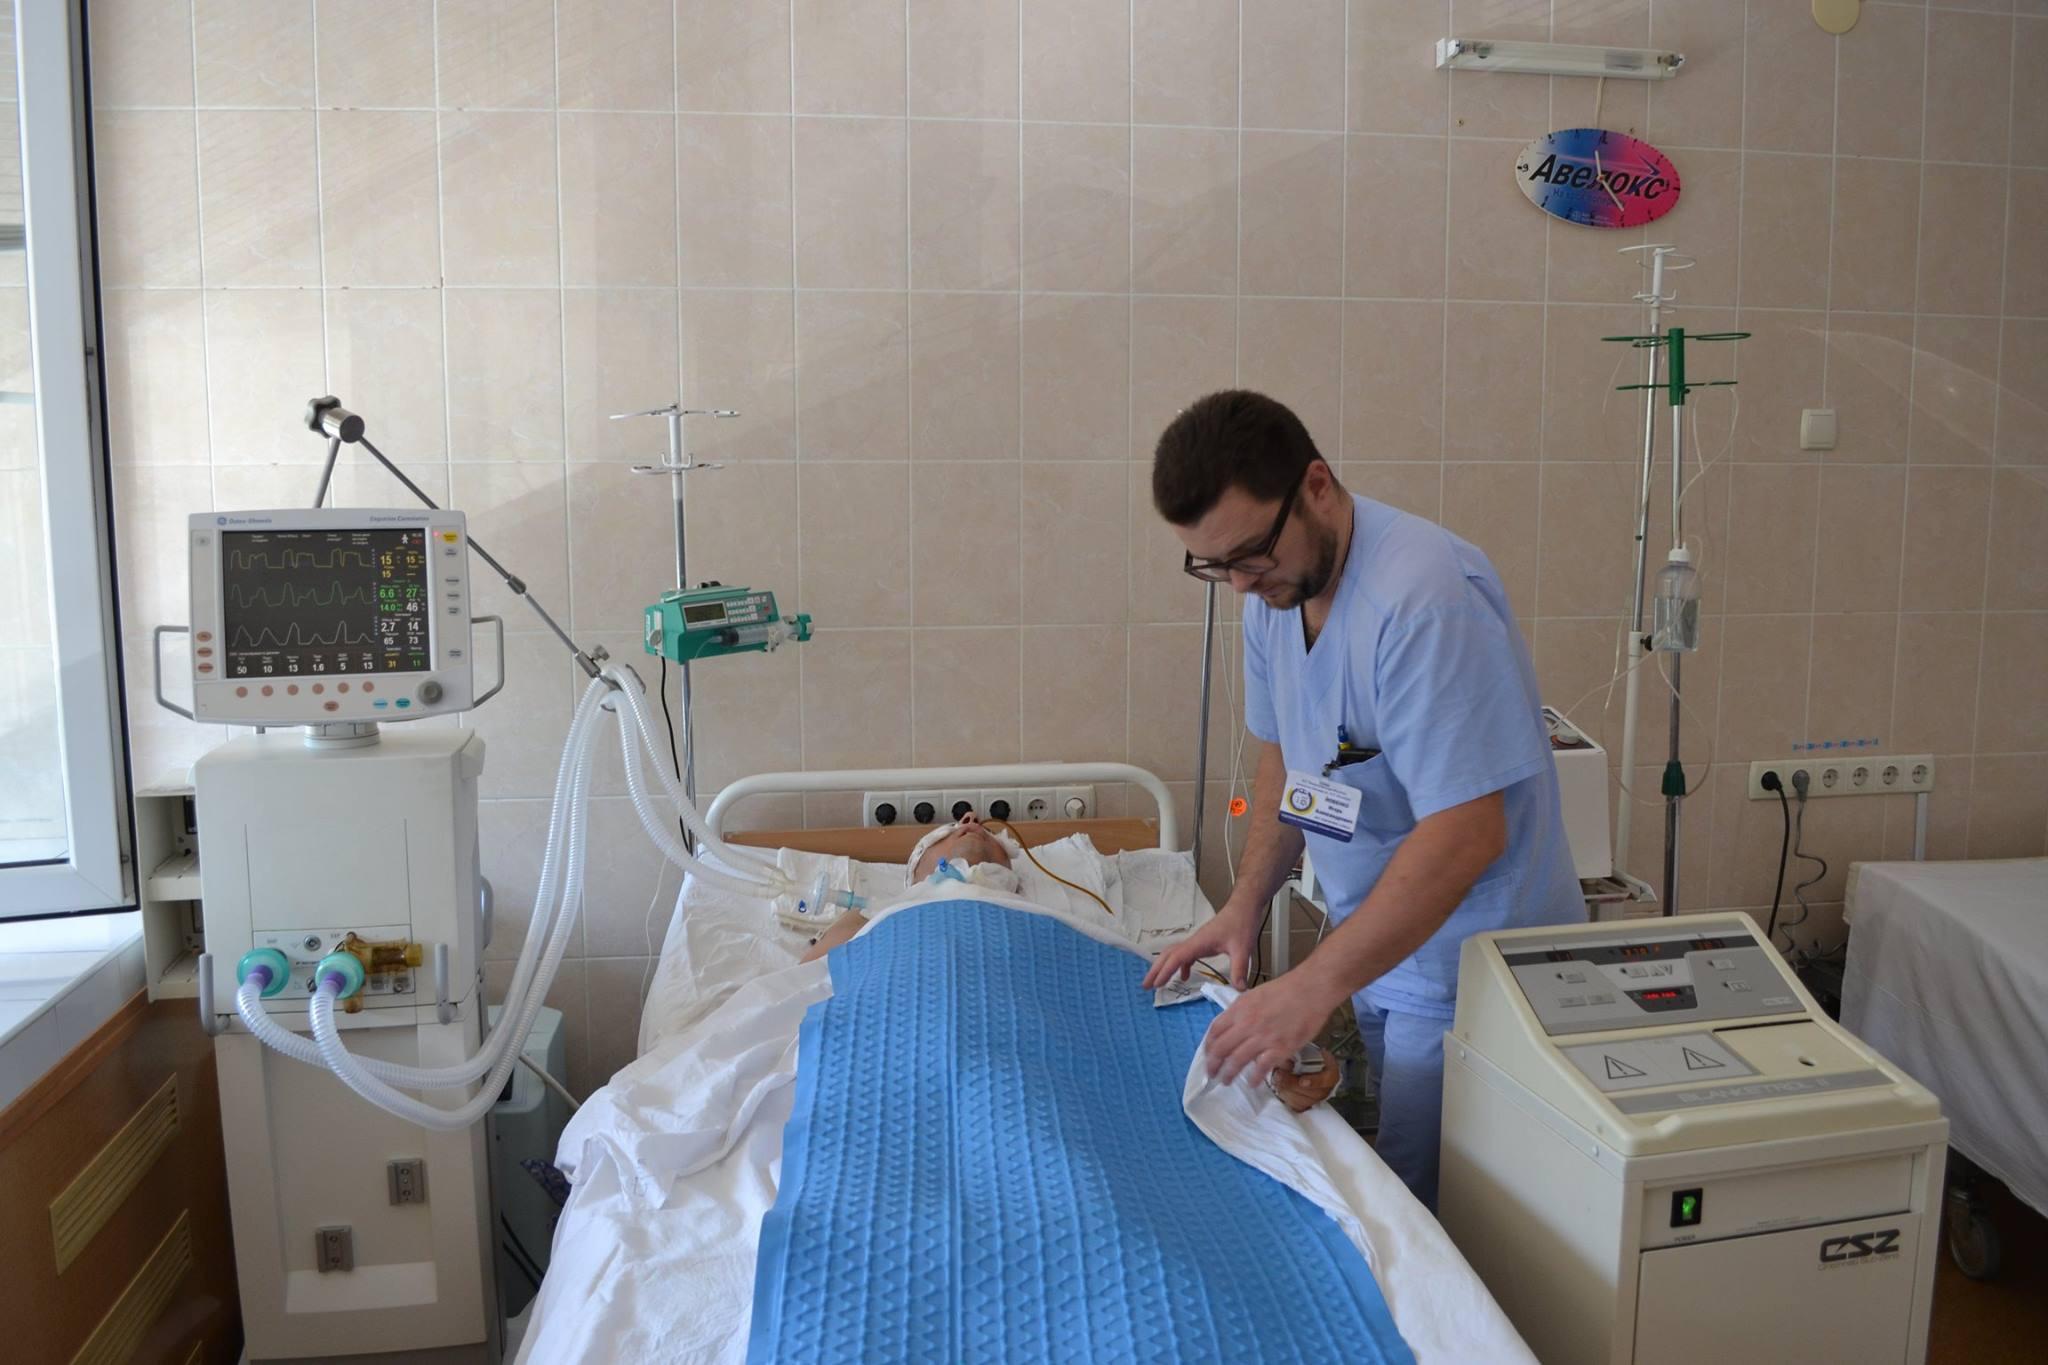 Первая помощь и лечение при гипотермии. как распознать гипотермию